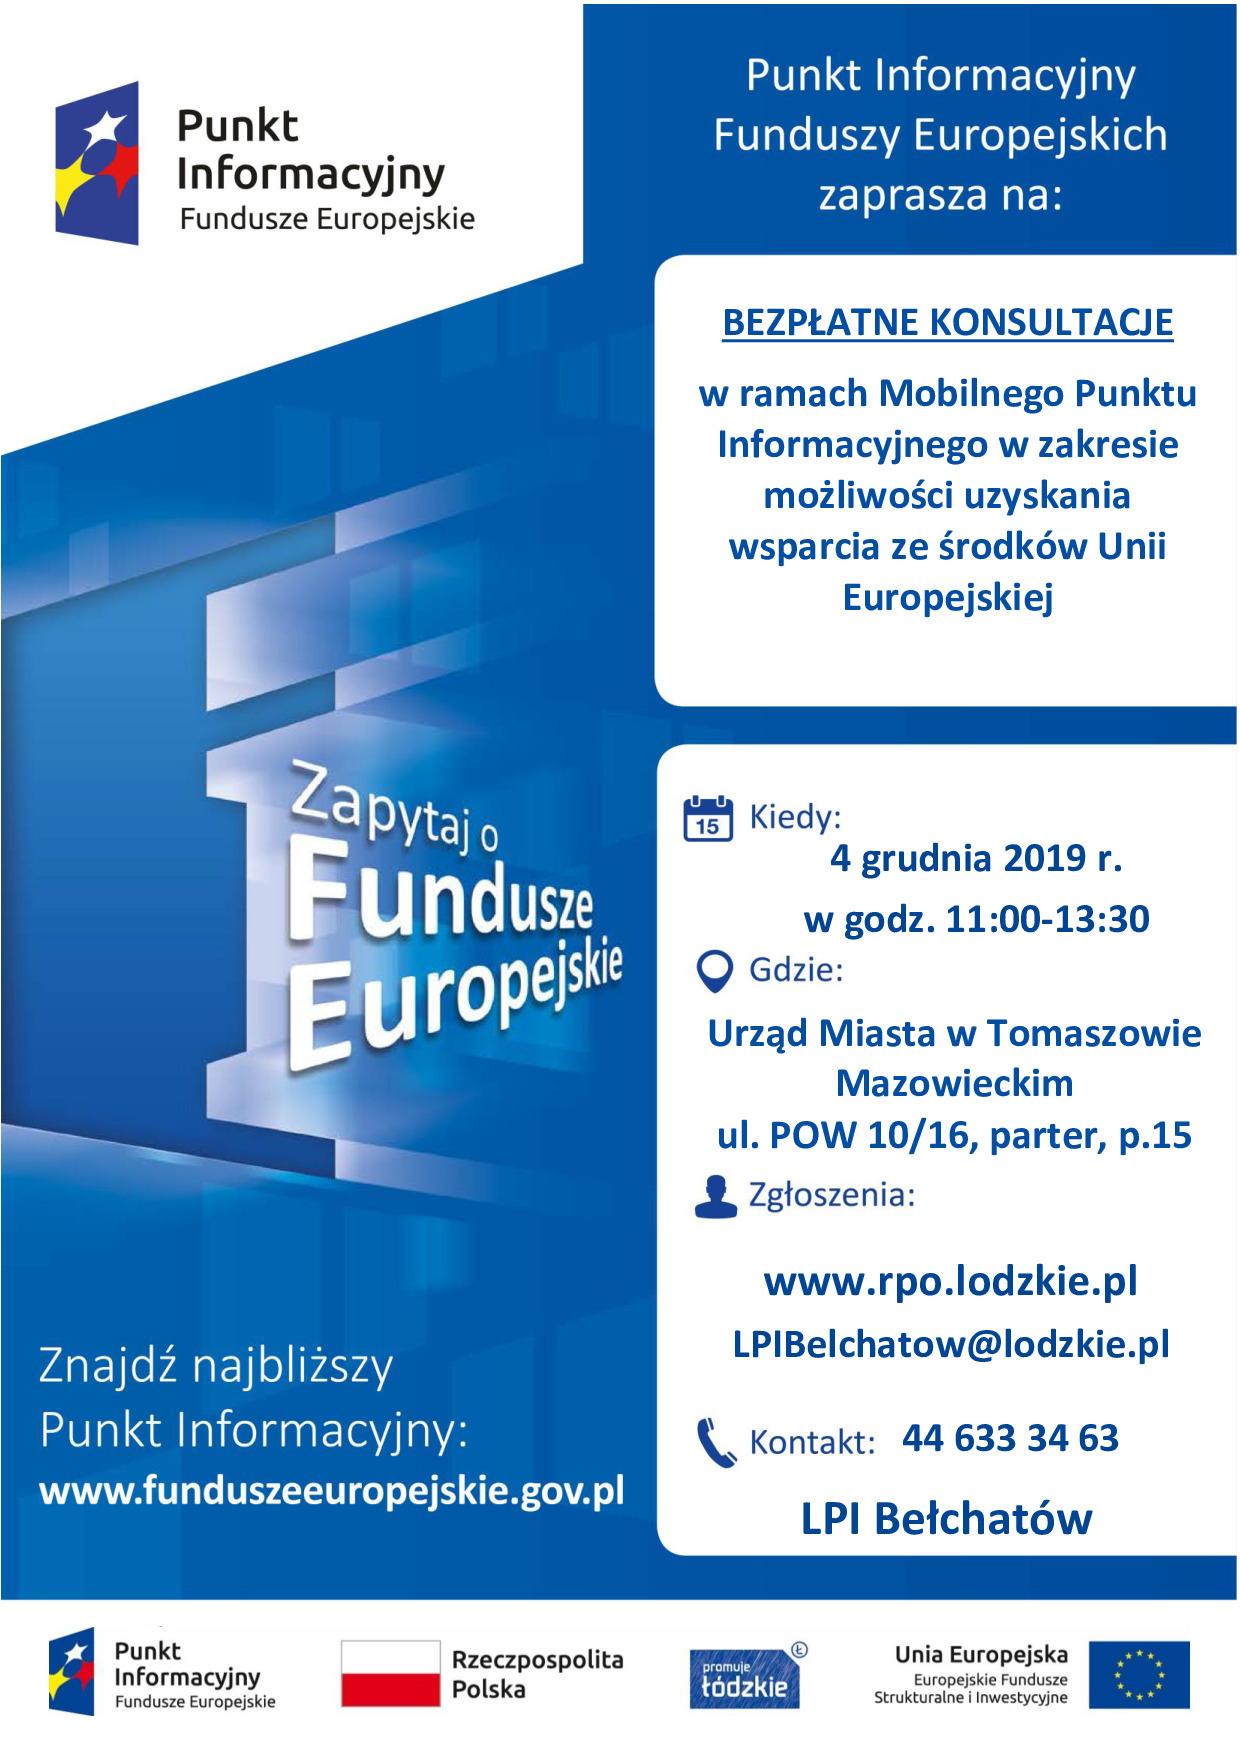 punkt informacji o funduszach europejskich grudzień 2019